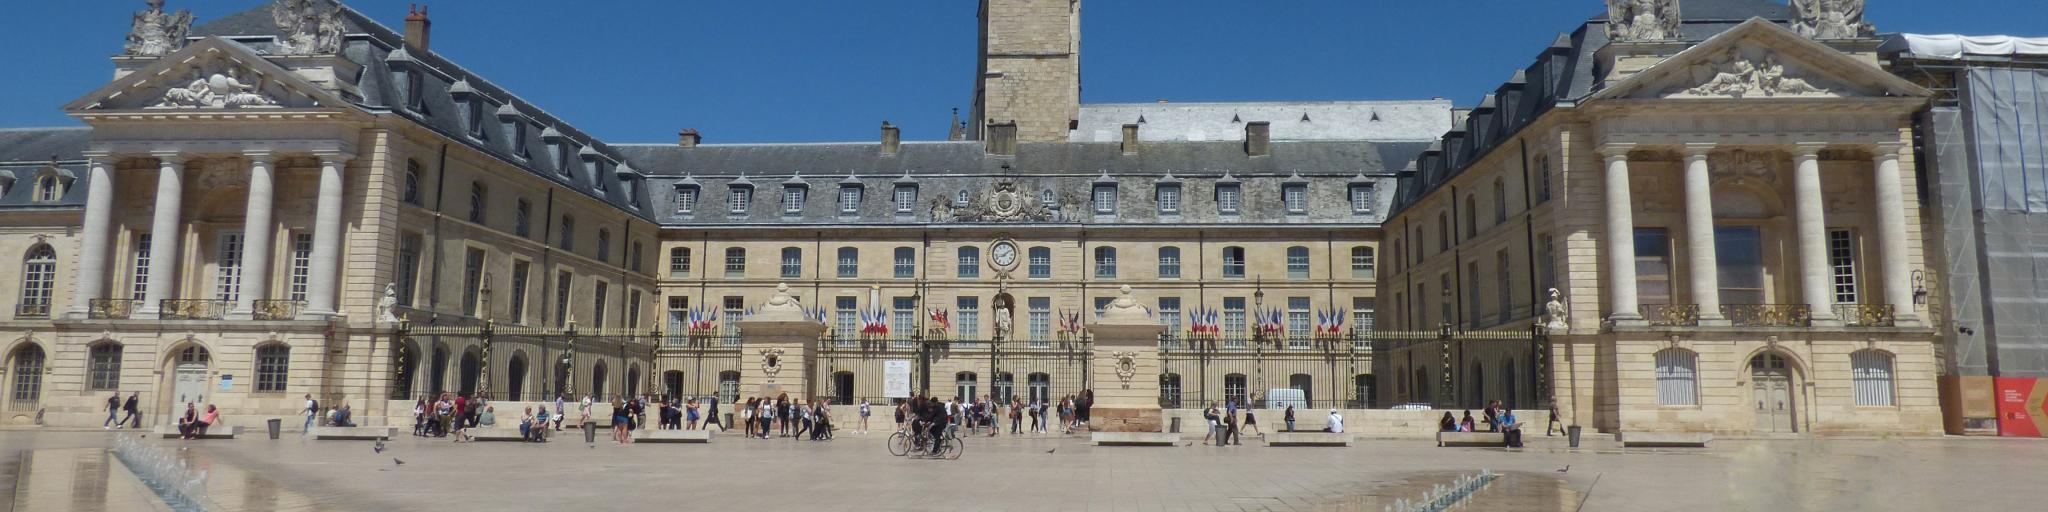 Palais des Ducs, Dijon, France